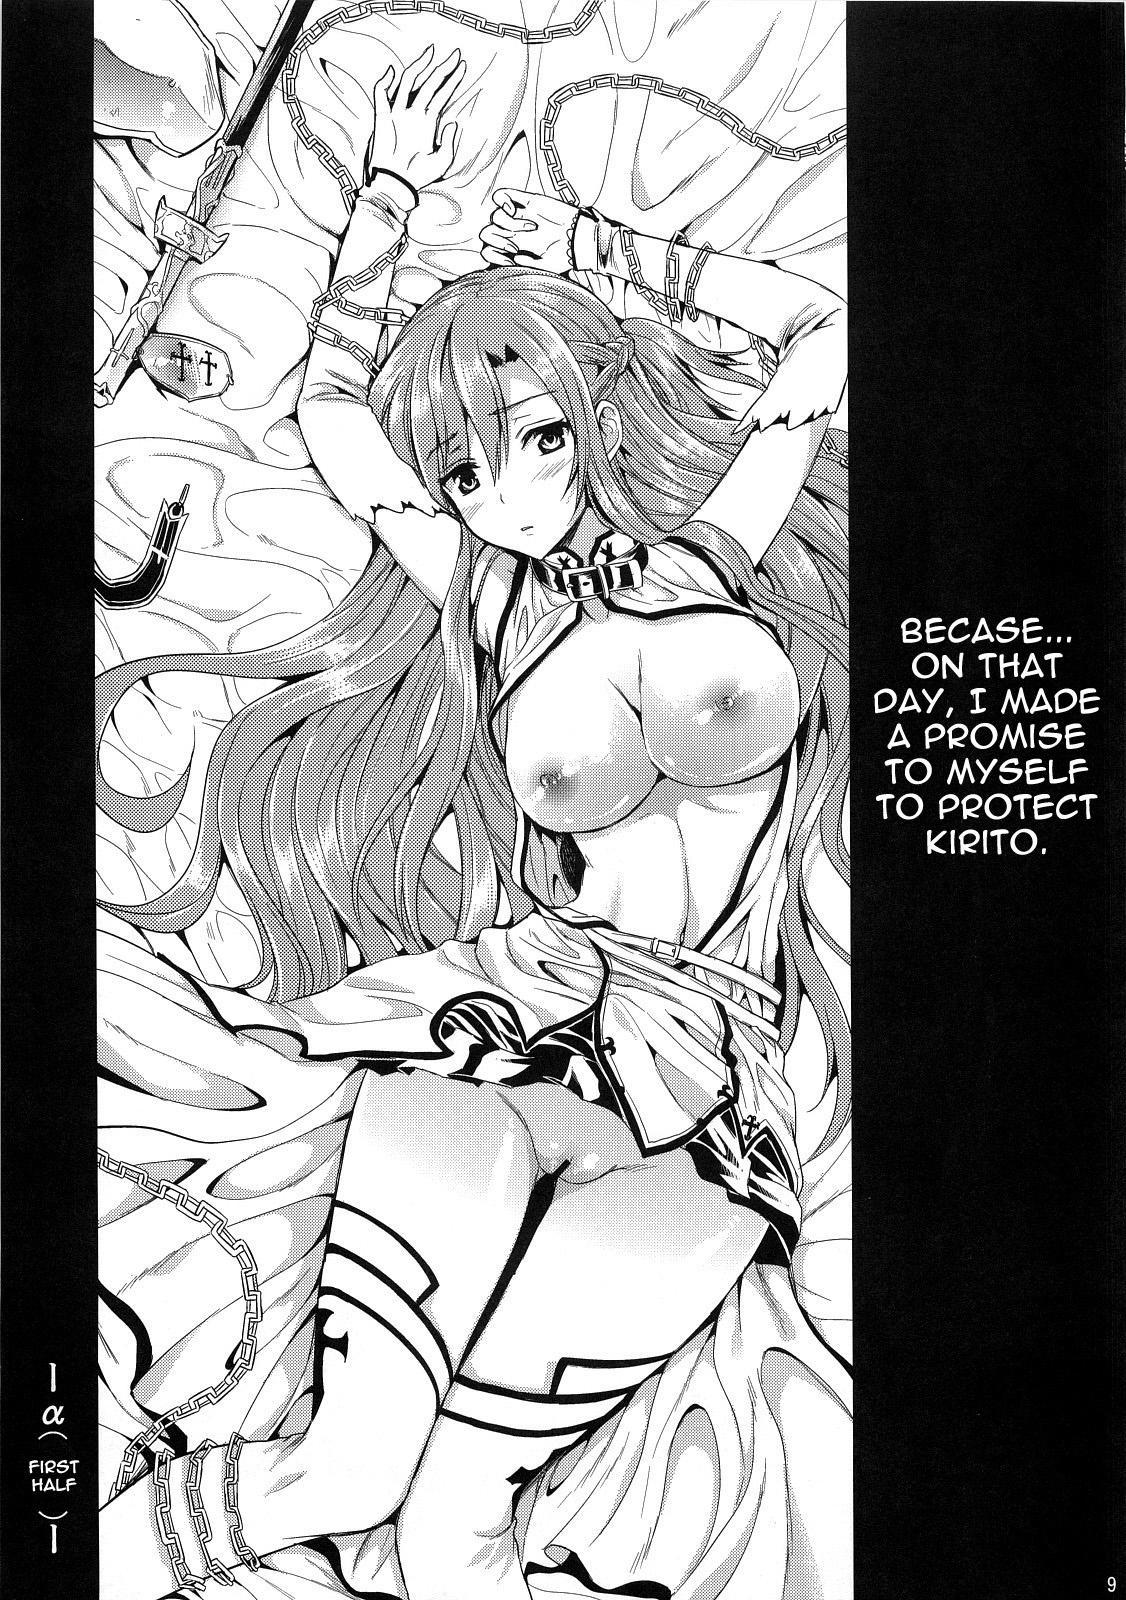 (C83) [YURIRU-RARIKA (Kojima Saya, Lazu)] Shujou Seikou II α Watashi... Okasarete Anal ni Mezamemashita | Captive Sex II - After Being R-ped, I was Awakened to Anal (Sword Art Online) [English] {doujin-moe.us} 7